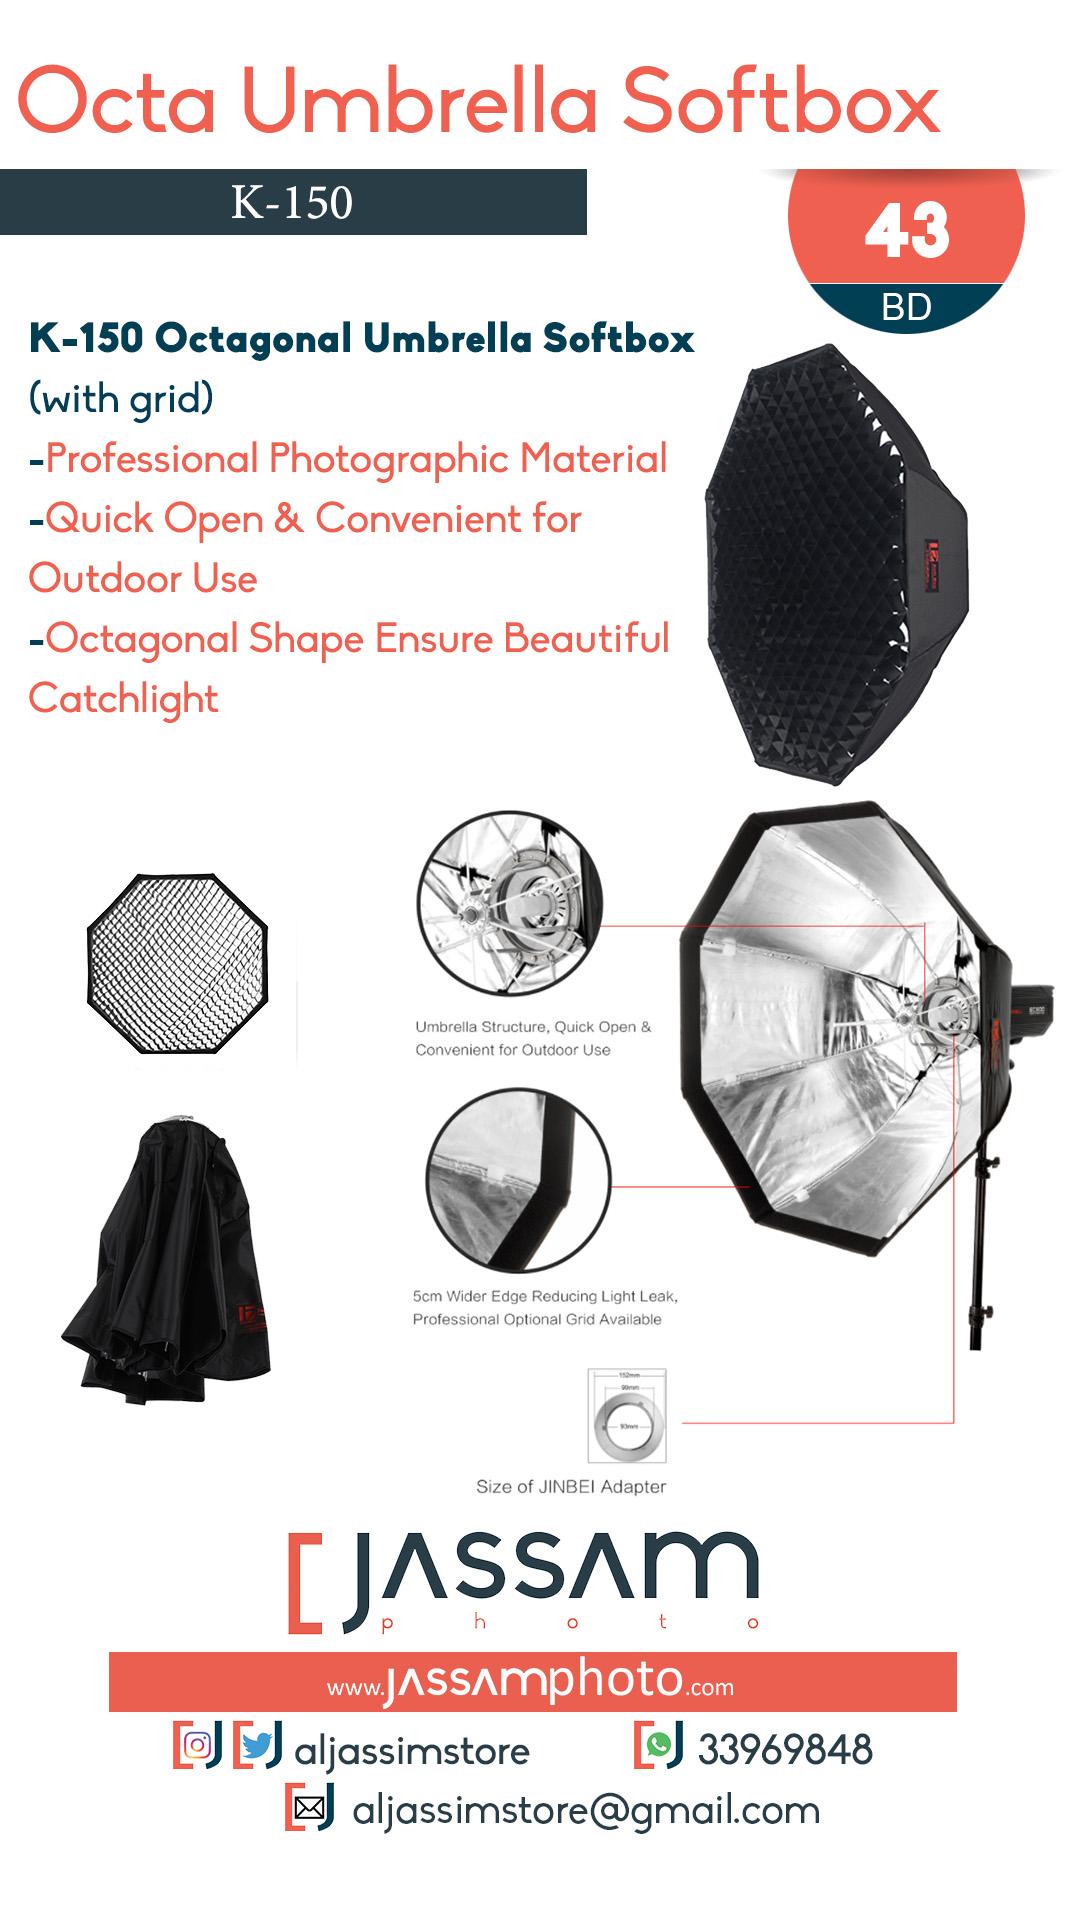 Octa Umbrella Softbox K-150